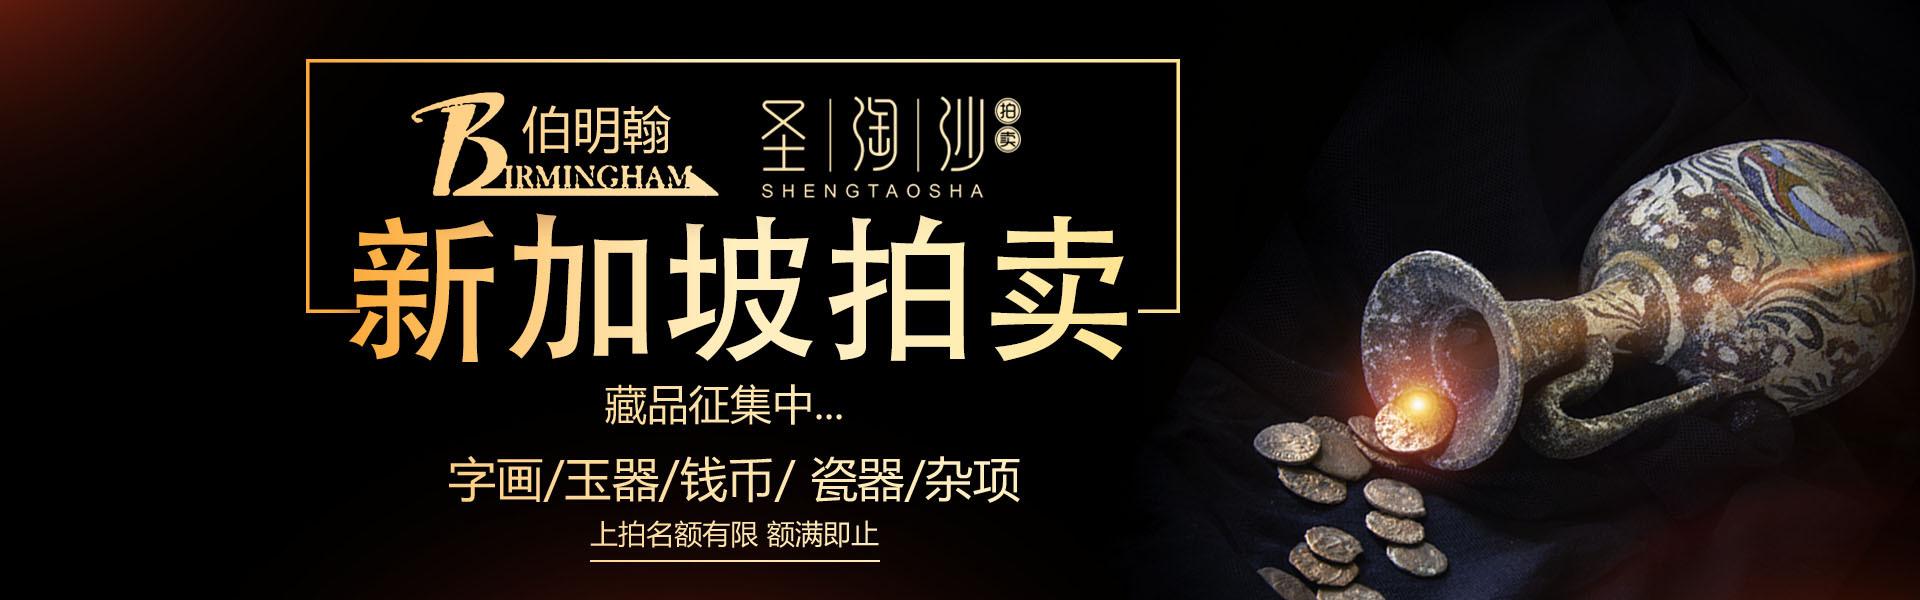 重庆艺术品鉴定:2018年高端艺术品拍卖会正在征集...